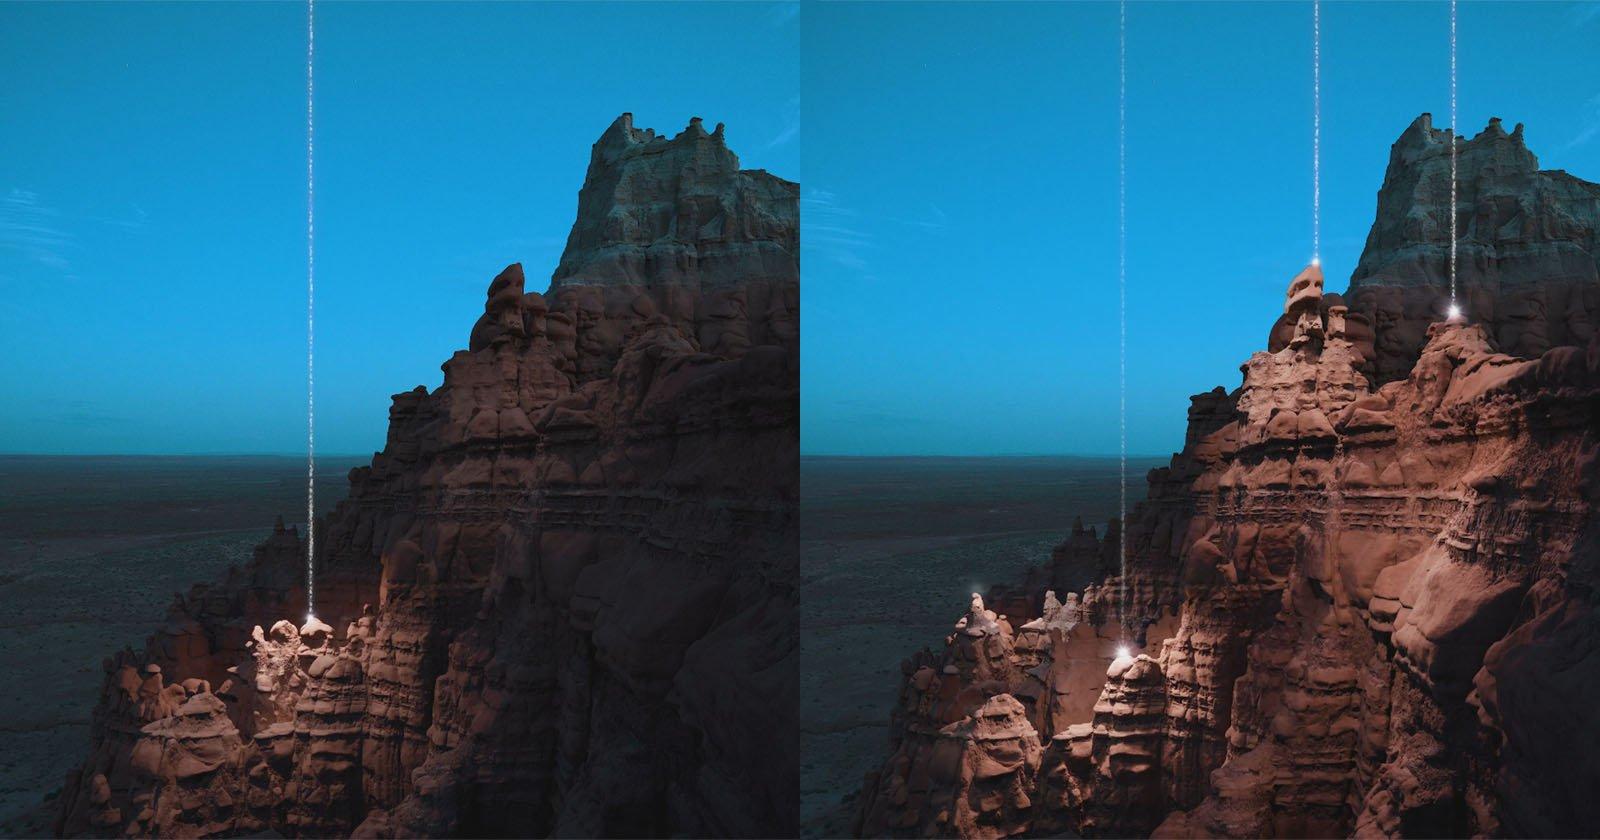 Questa arte del paesaggio utilizza la proiezione AR per mostrare fasci di luce